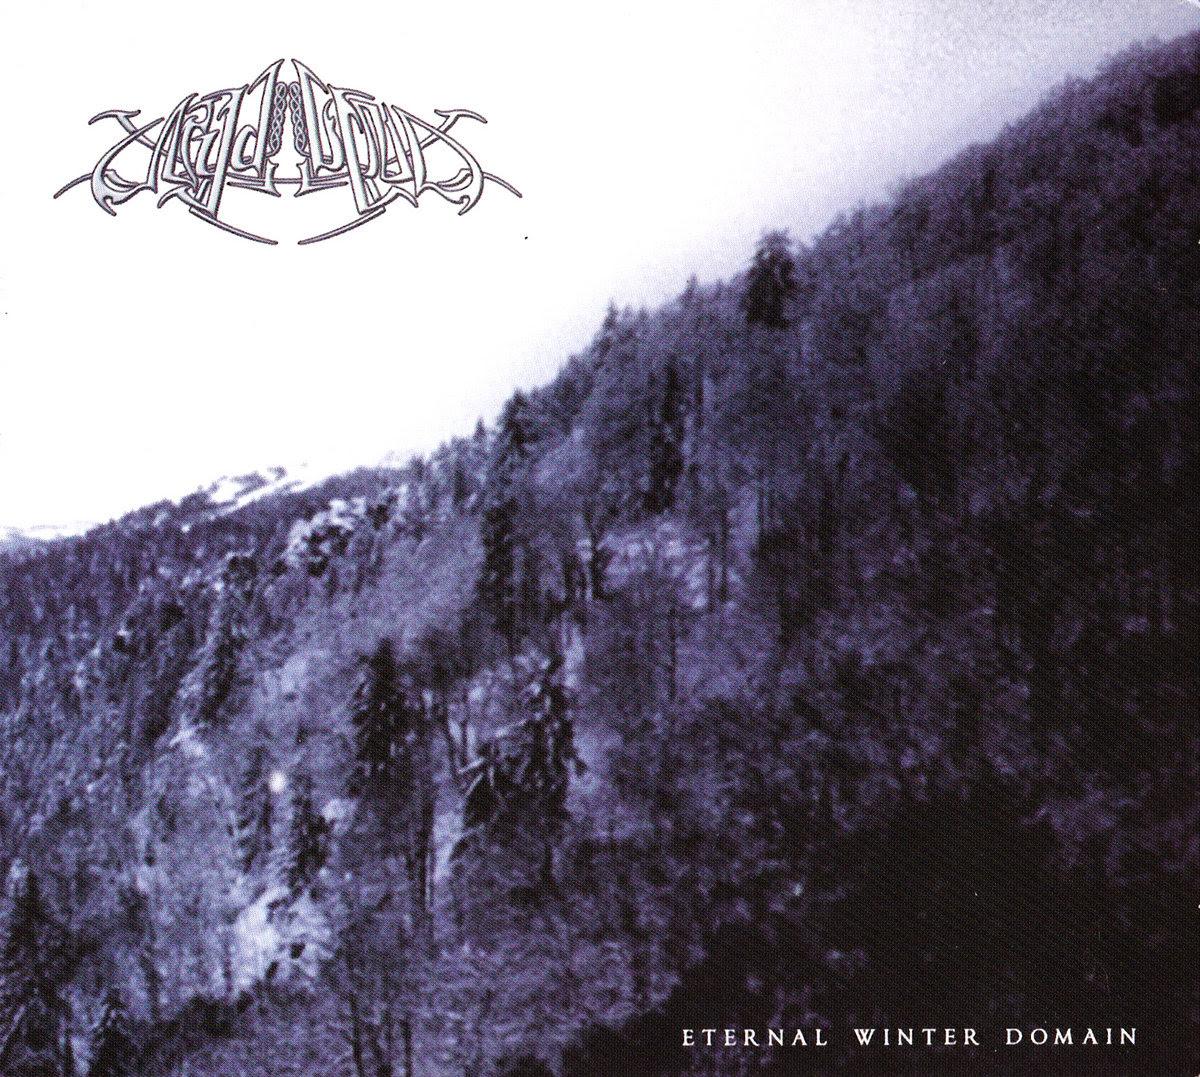 Nydvind - Eternal Winter Domain (Rereleased 2006)